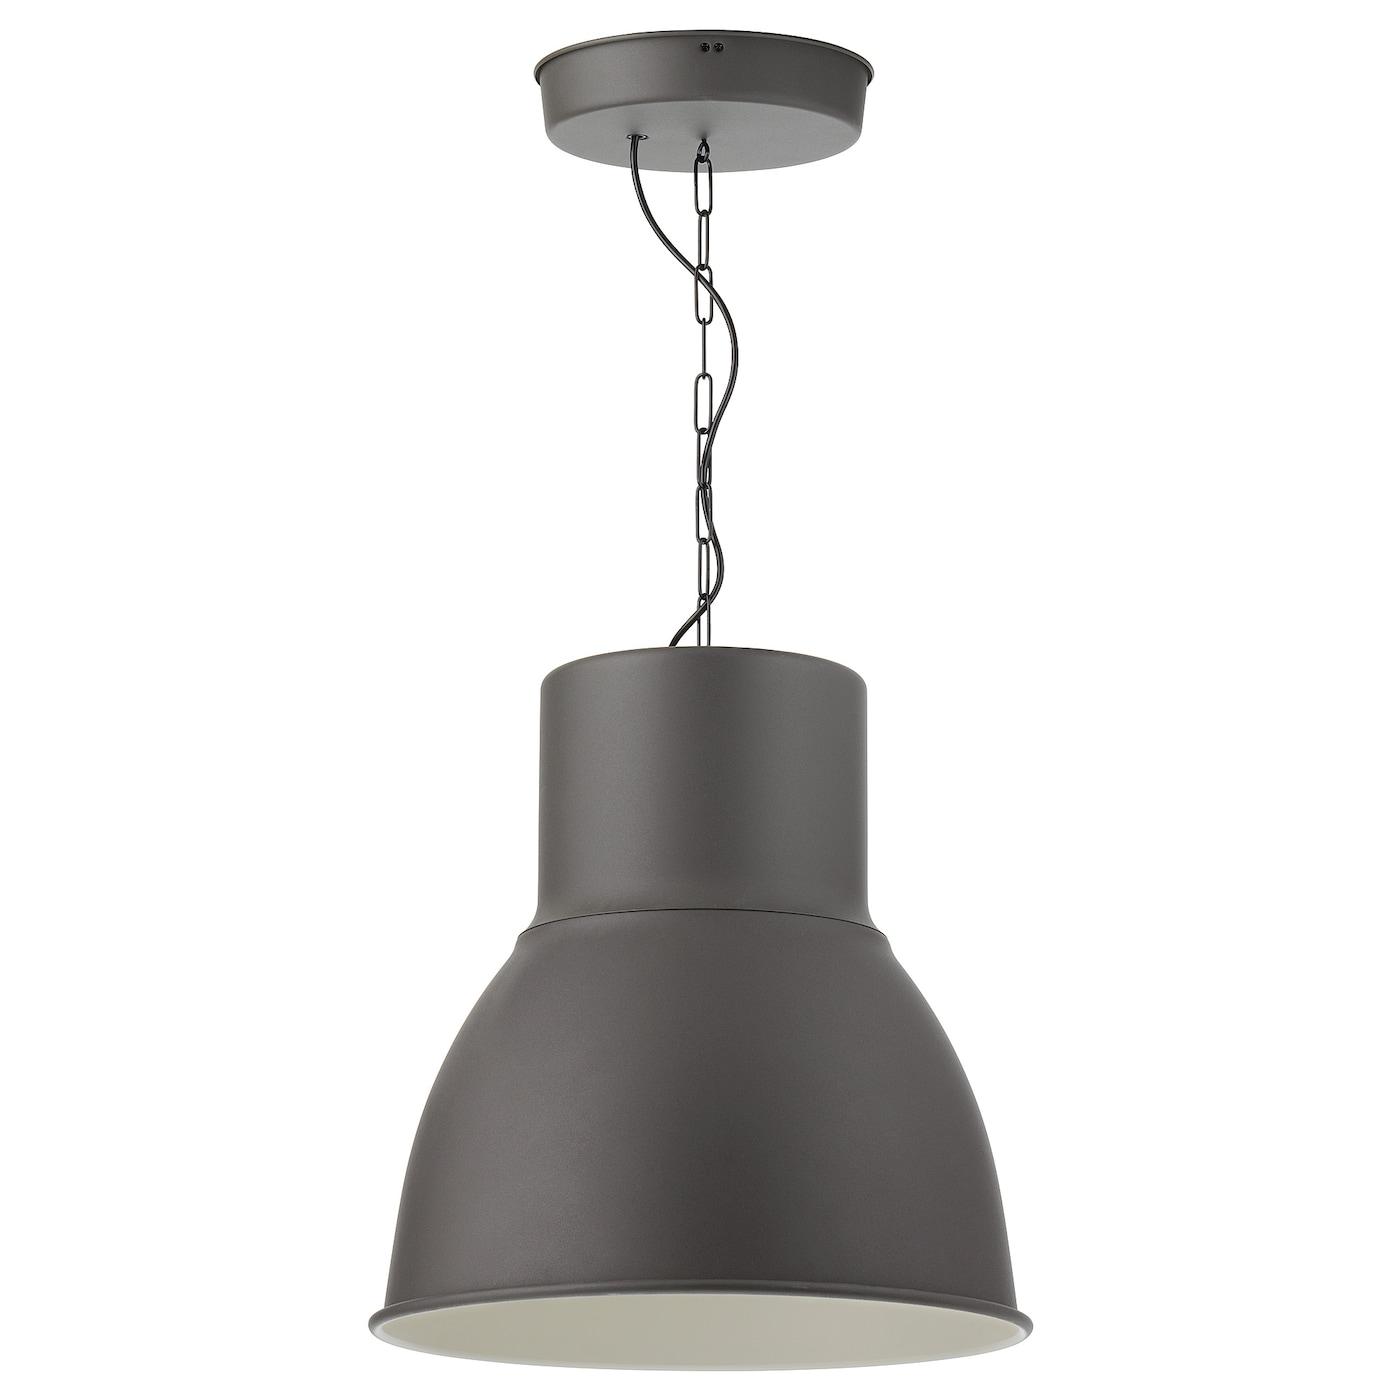 Full Size of Ikea Küche Kosten Kaufen Lampen Schlafzimmer Miniküche Deckenlampen Wohnzimmer Modern Betten Bei Für Badezimmer Stehlampen Designer Esstisch Bad Led Wohnzimmer Ikea Lampen